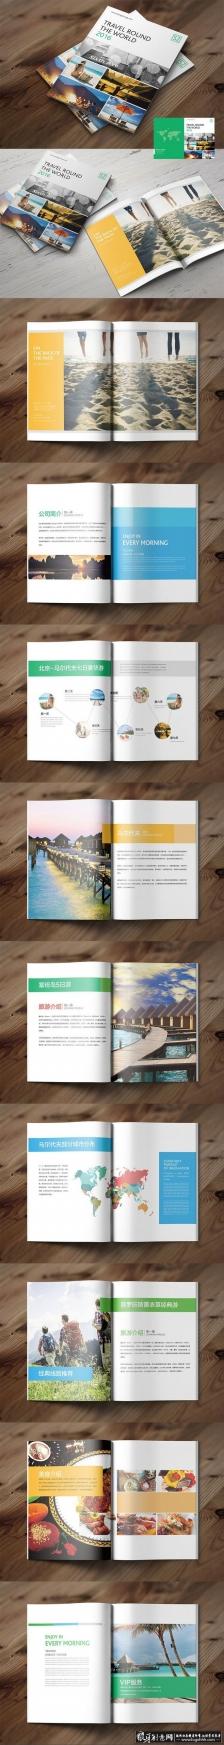 旅游画册 旅行画册 旅游宣传册 旅游指南 旅游海报 旅游广告设计 旅行手册 旅业宣传册